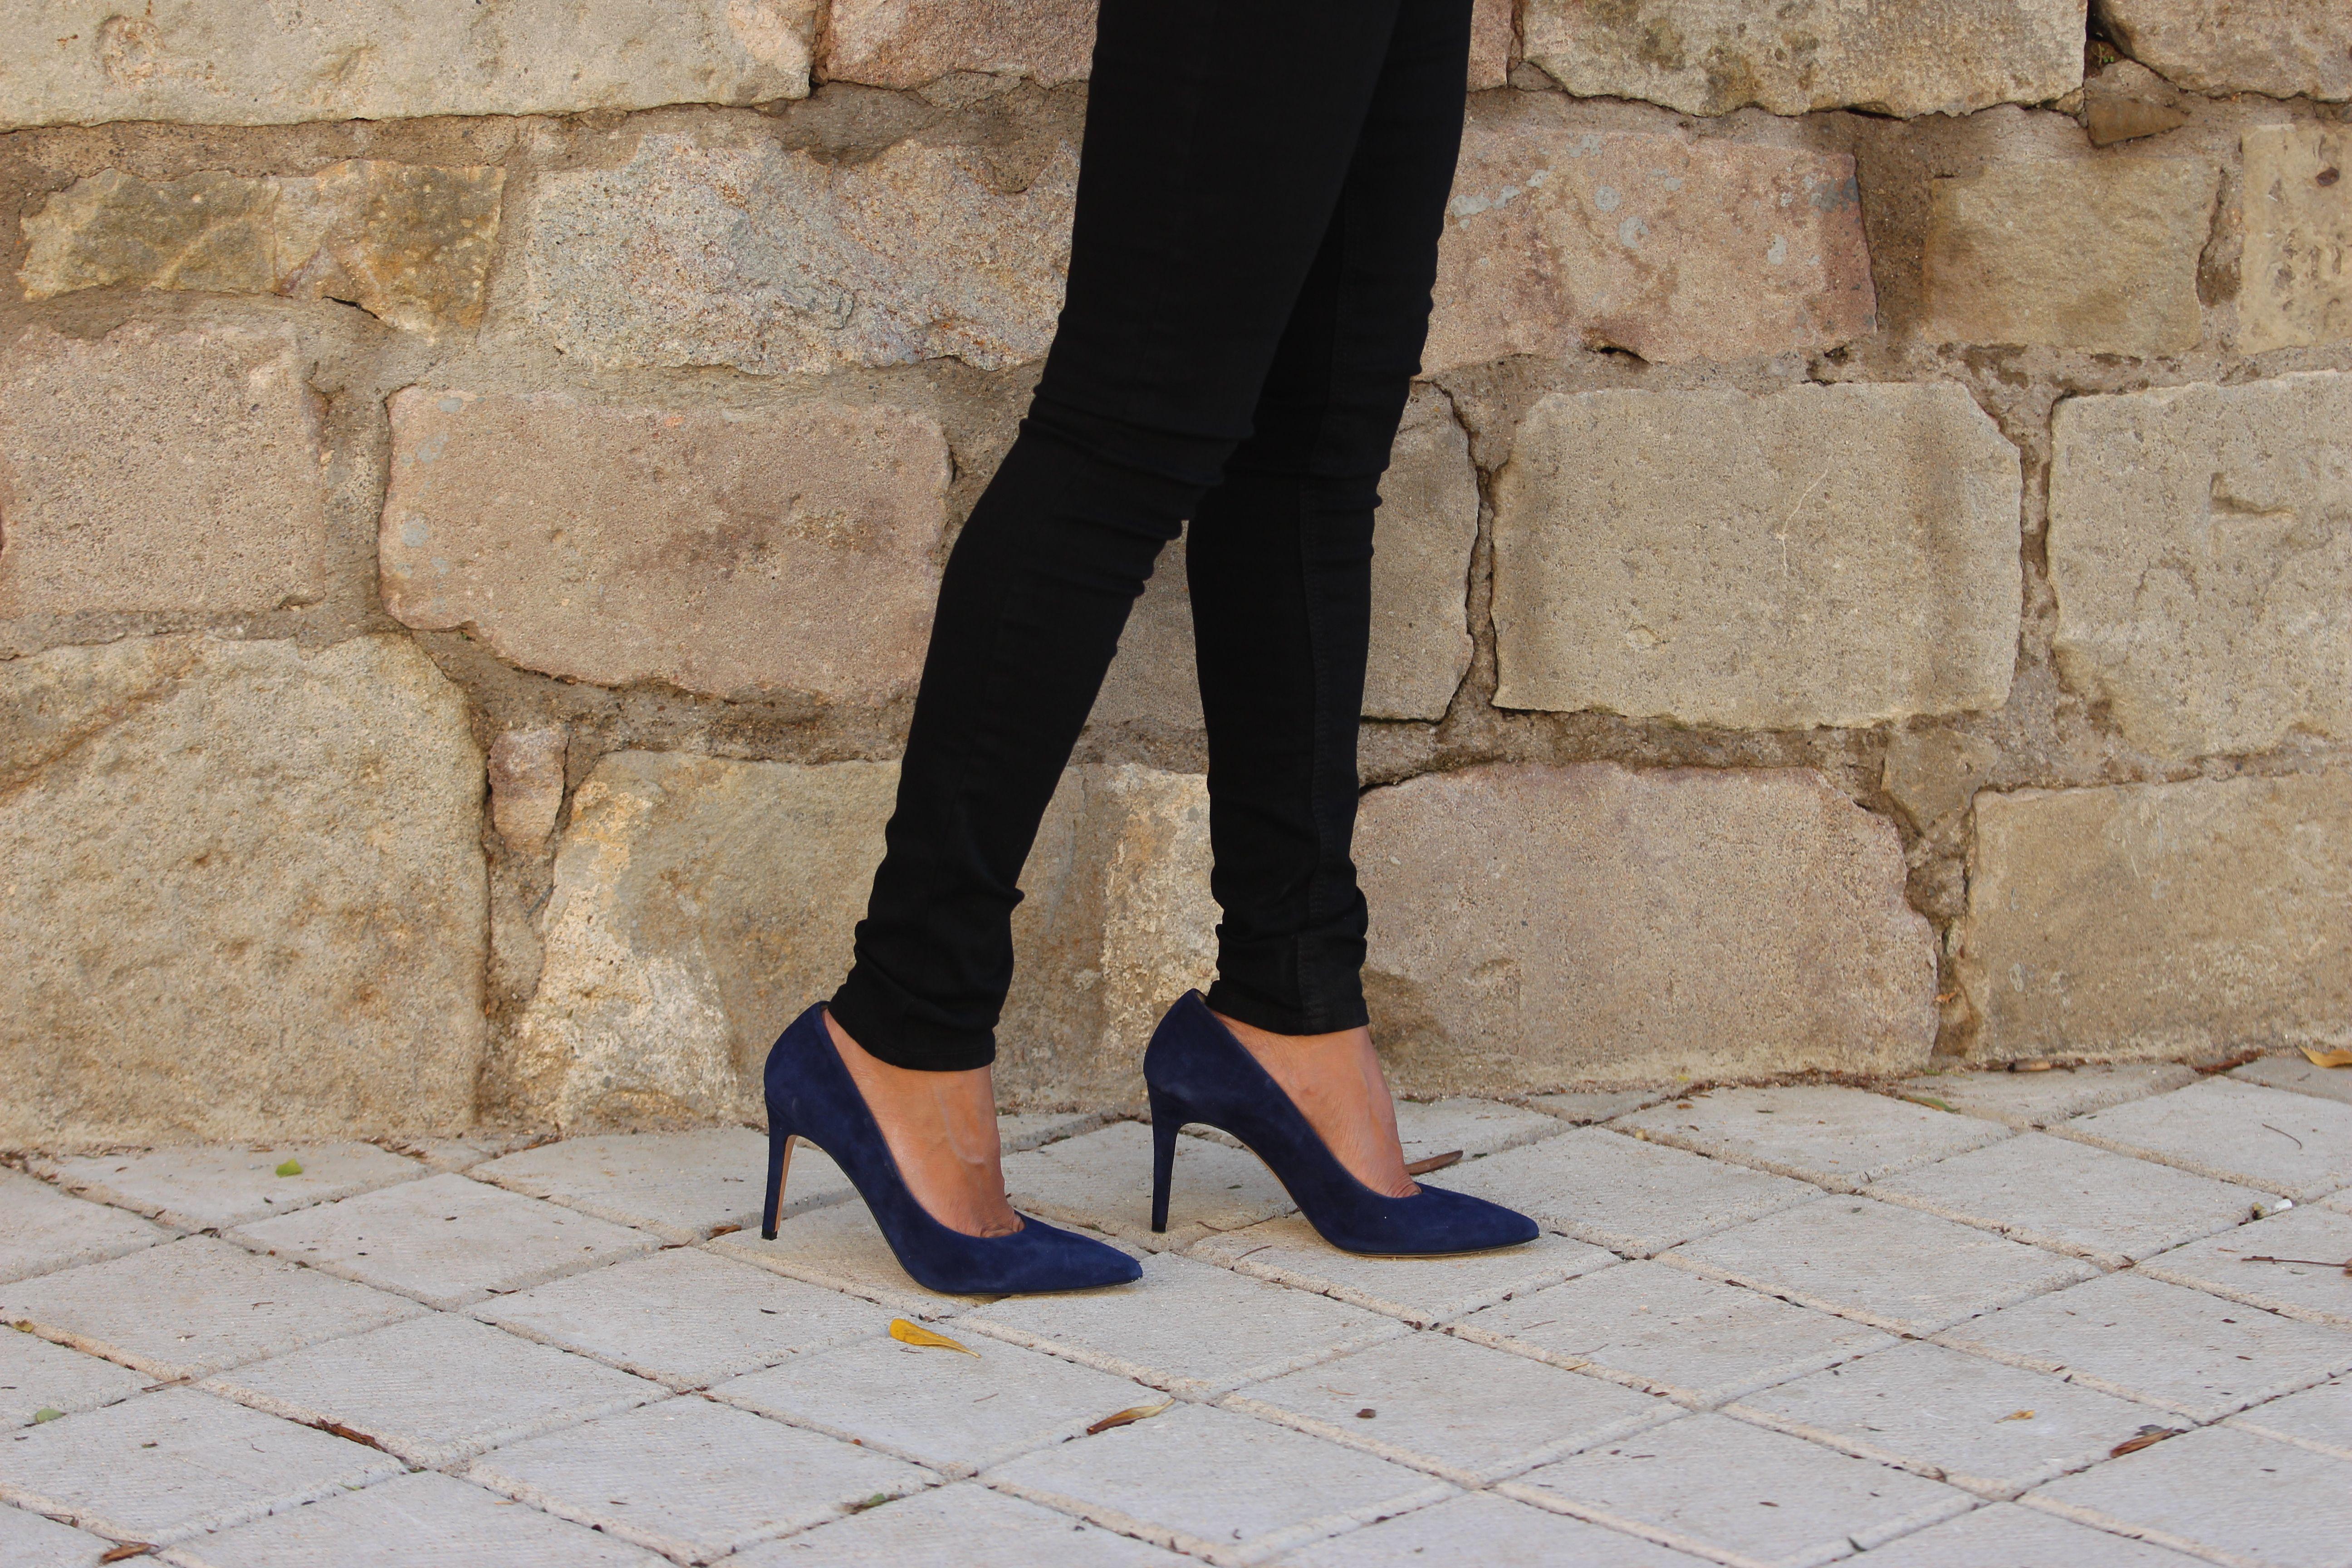 Escarpins cuir daim bleu marine | Daim bleu, Escarpins cuir